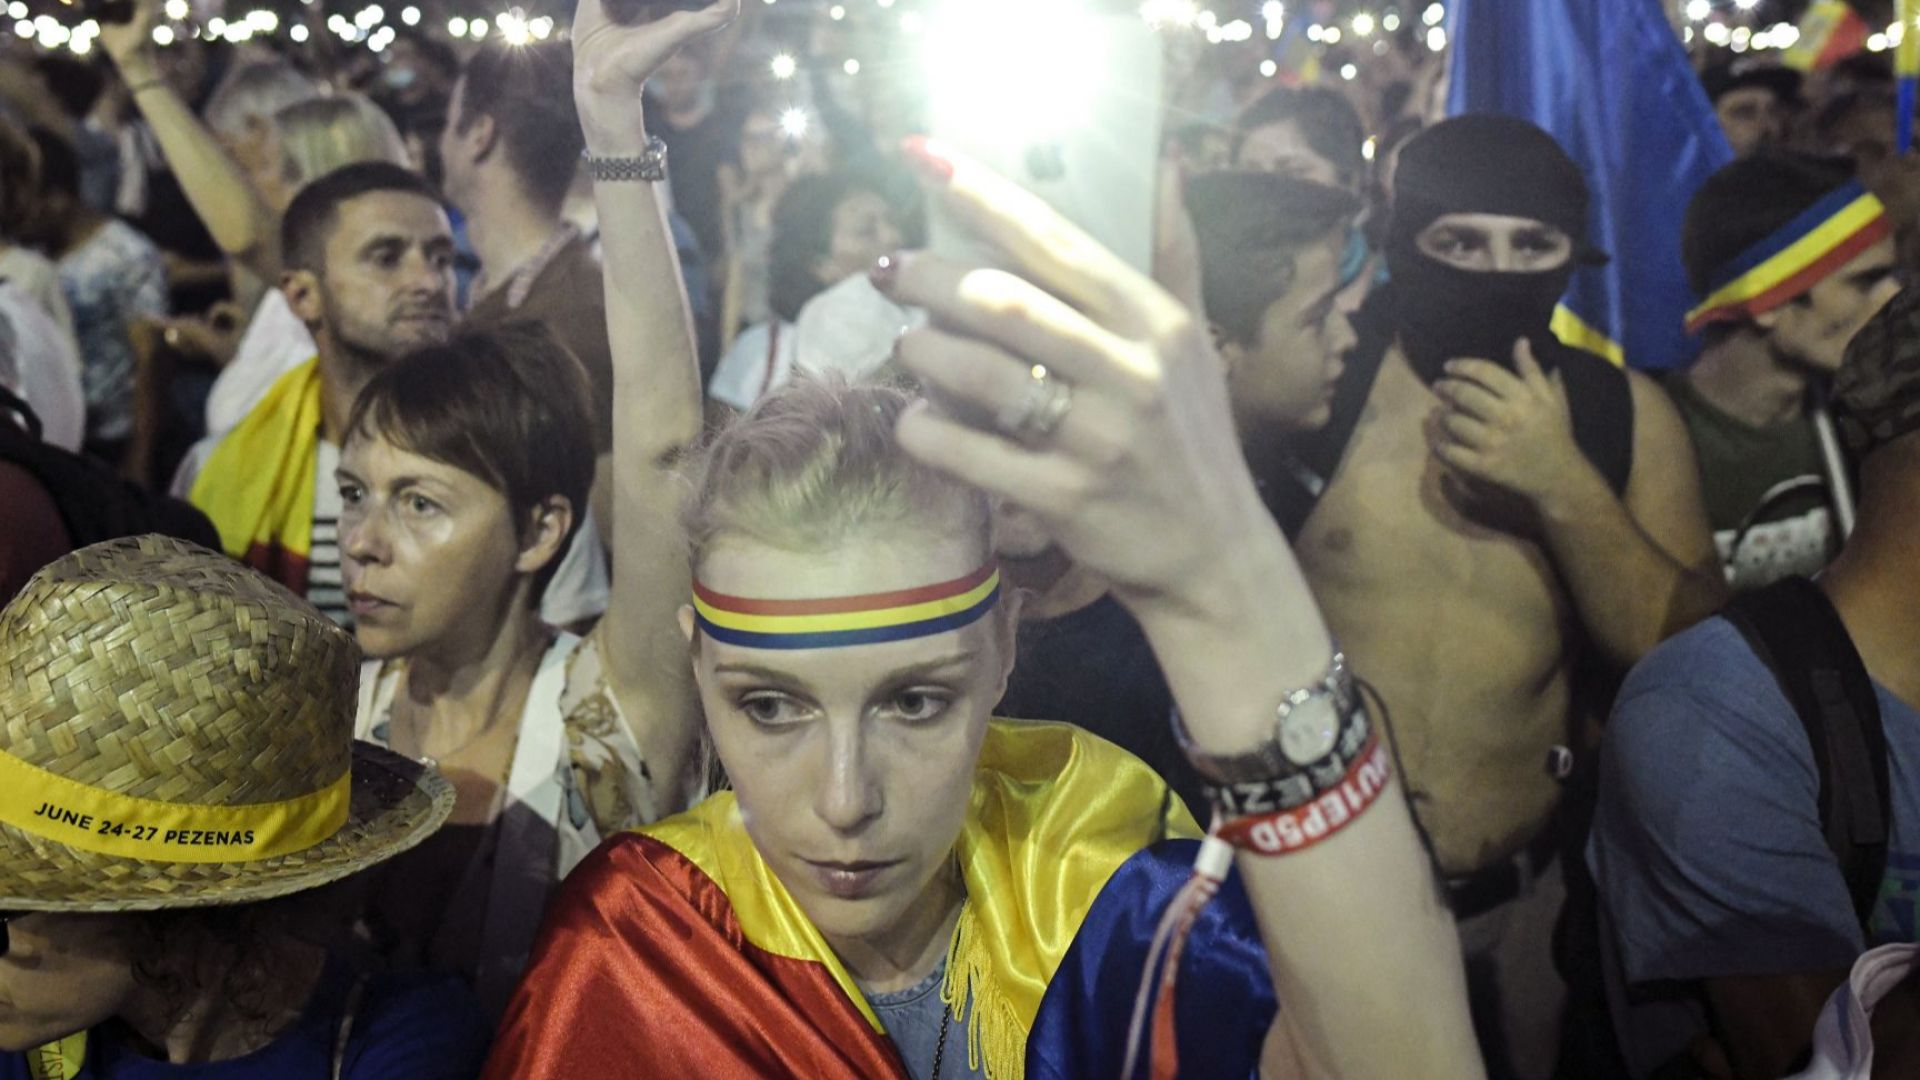 Десетки хиляди румънци скандираха в Букурещ: Долу правителството! Крадци! (снимки)